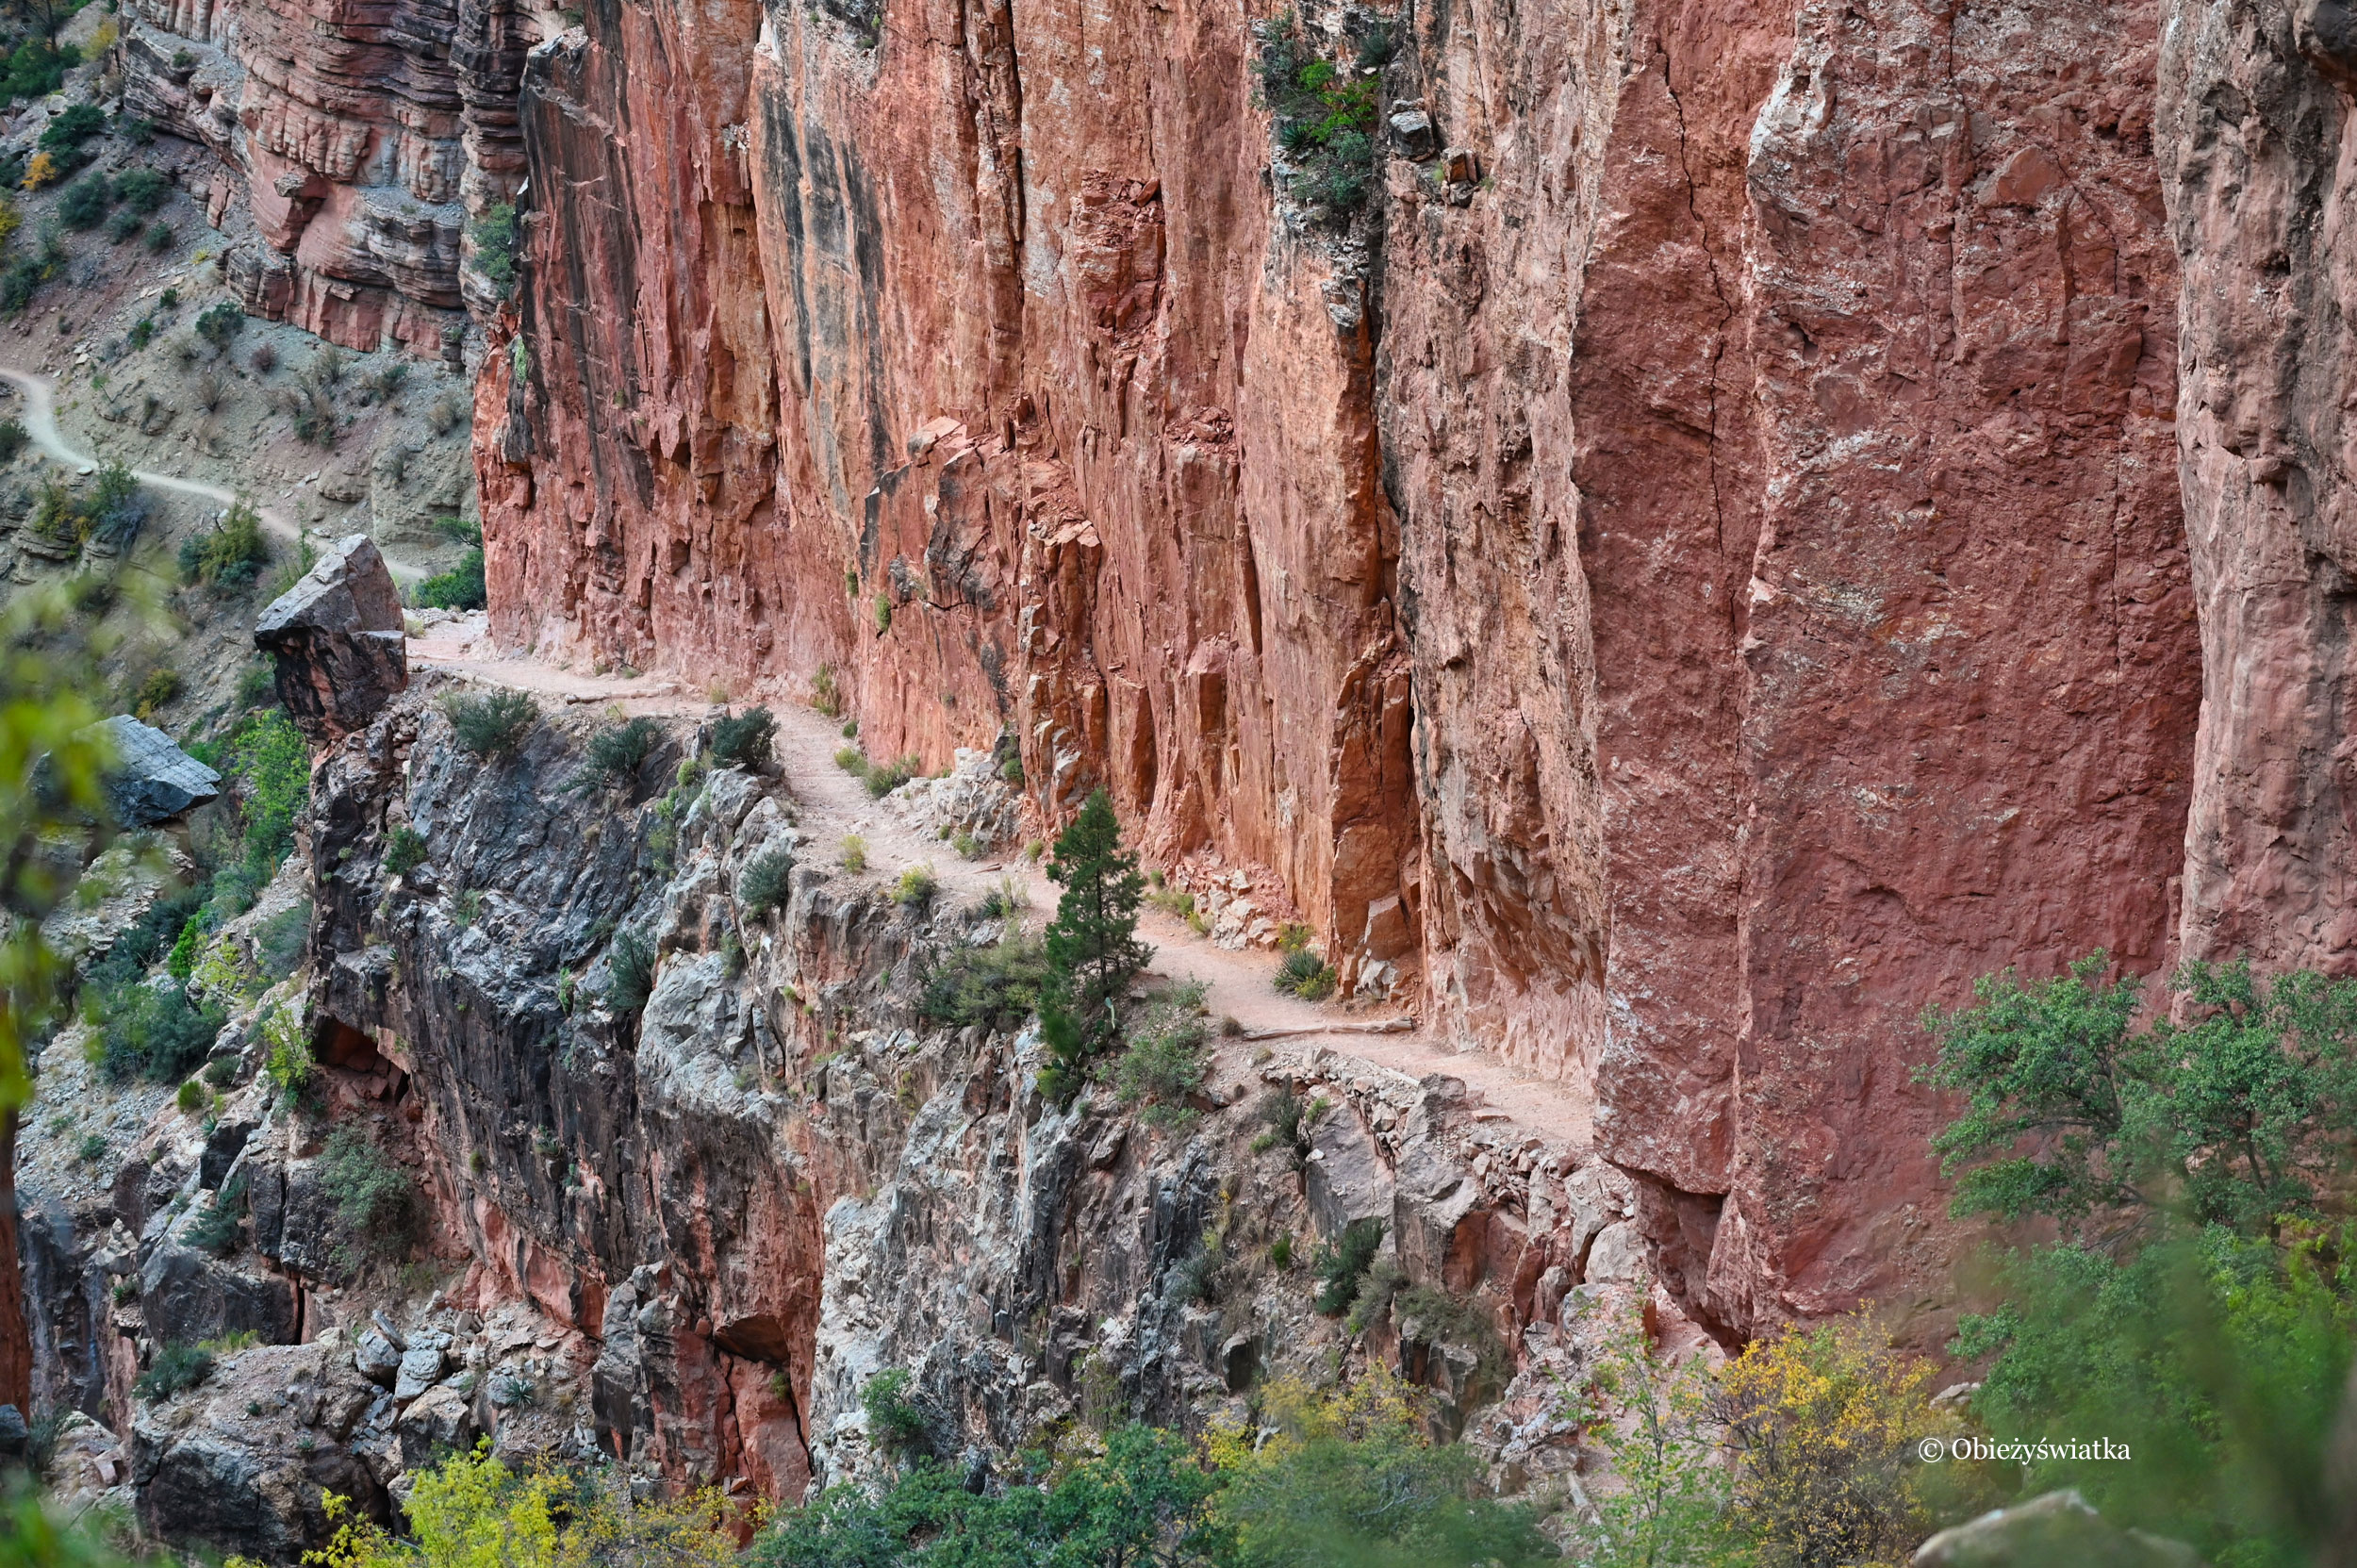 Wędrując po skałach - North Kaibab Trail, Grand Canyon, Arizona